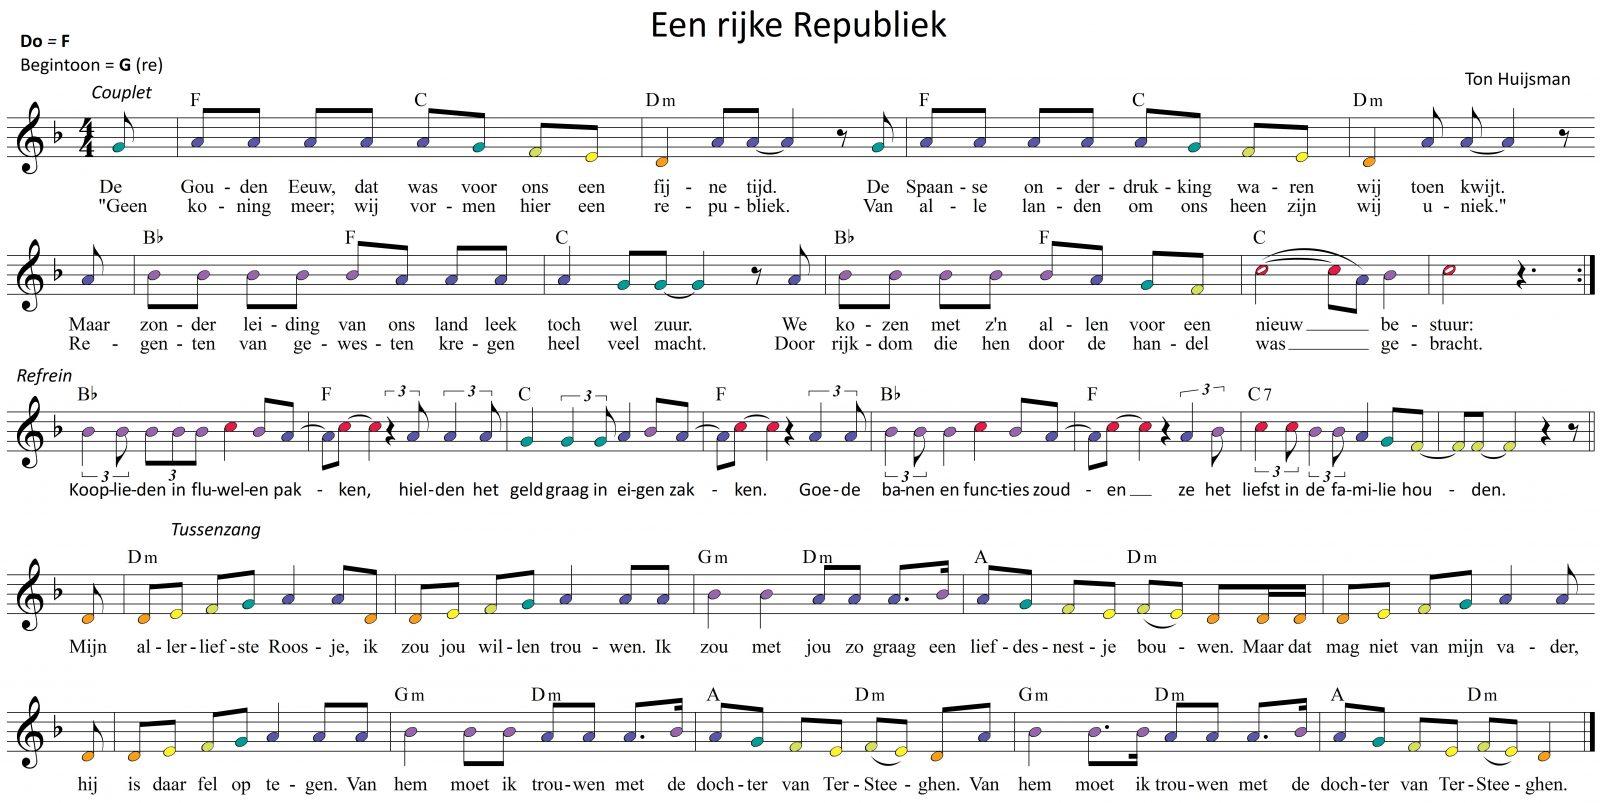 Lied: 'Een rijke republiek'